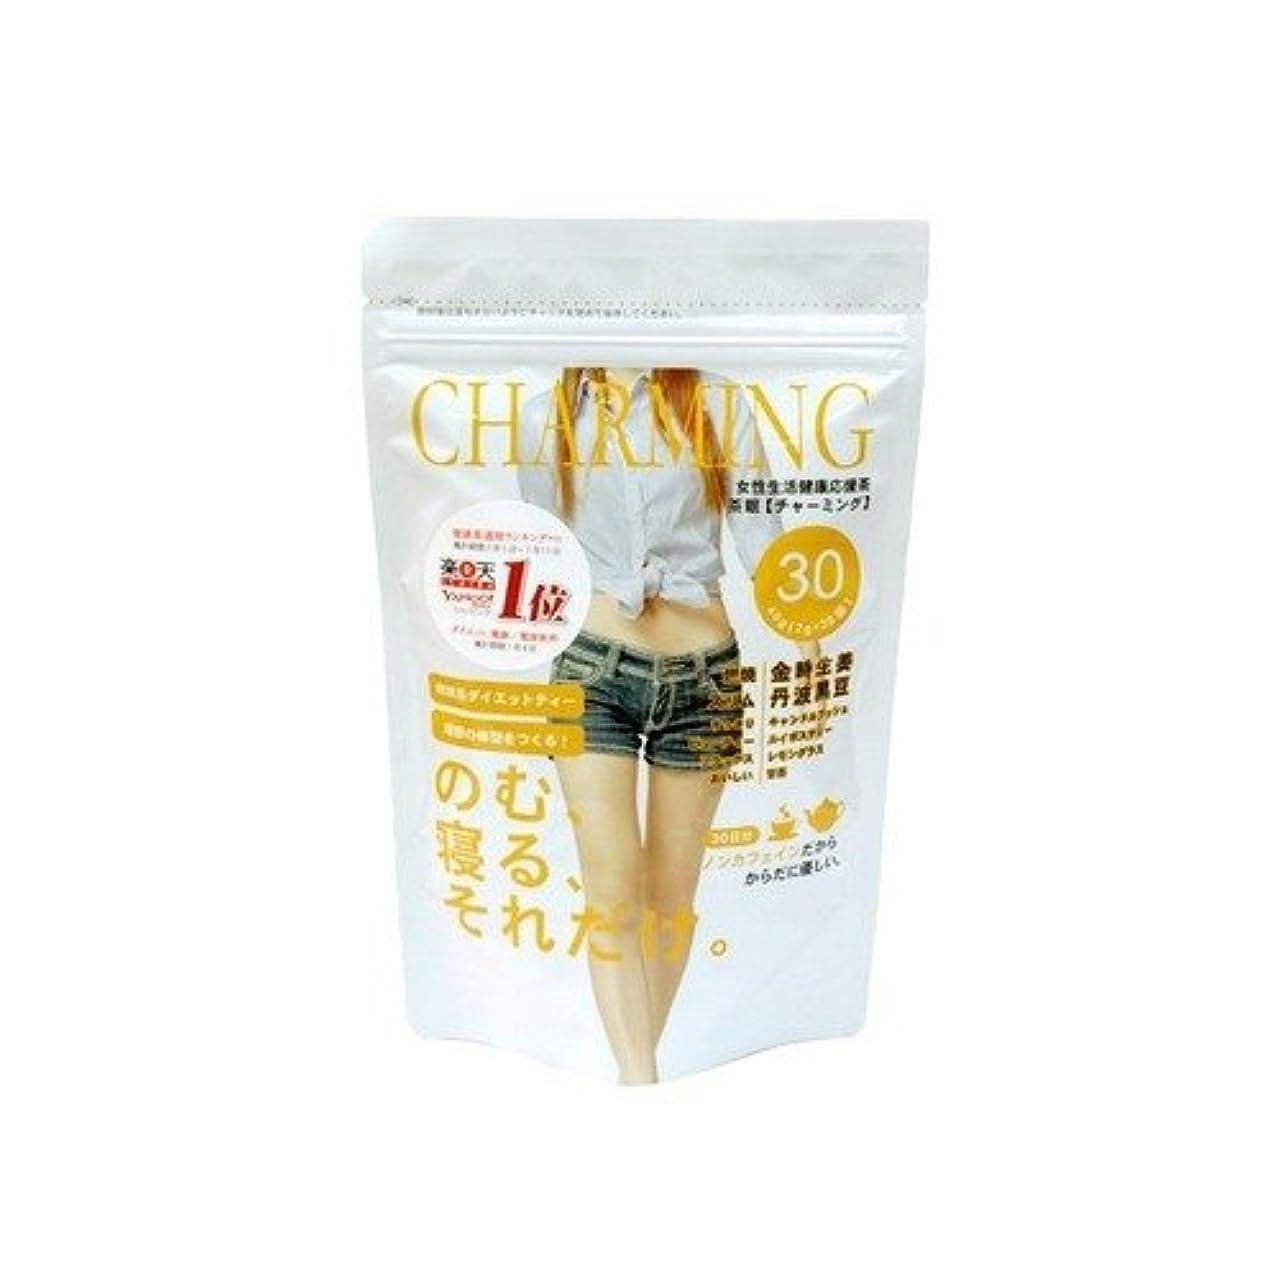 さようなら比類なきファイナンス★ 茶眠(チャーミング) 30包 CHARMING